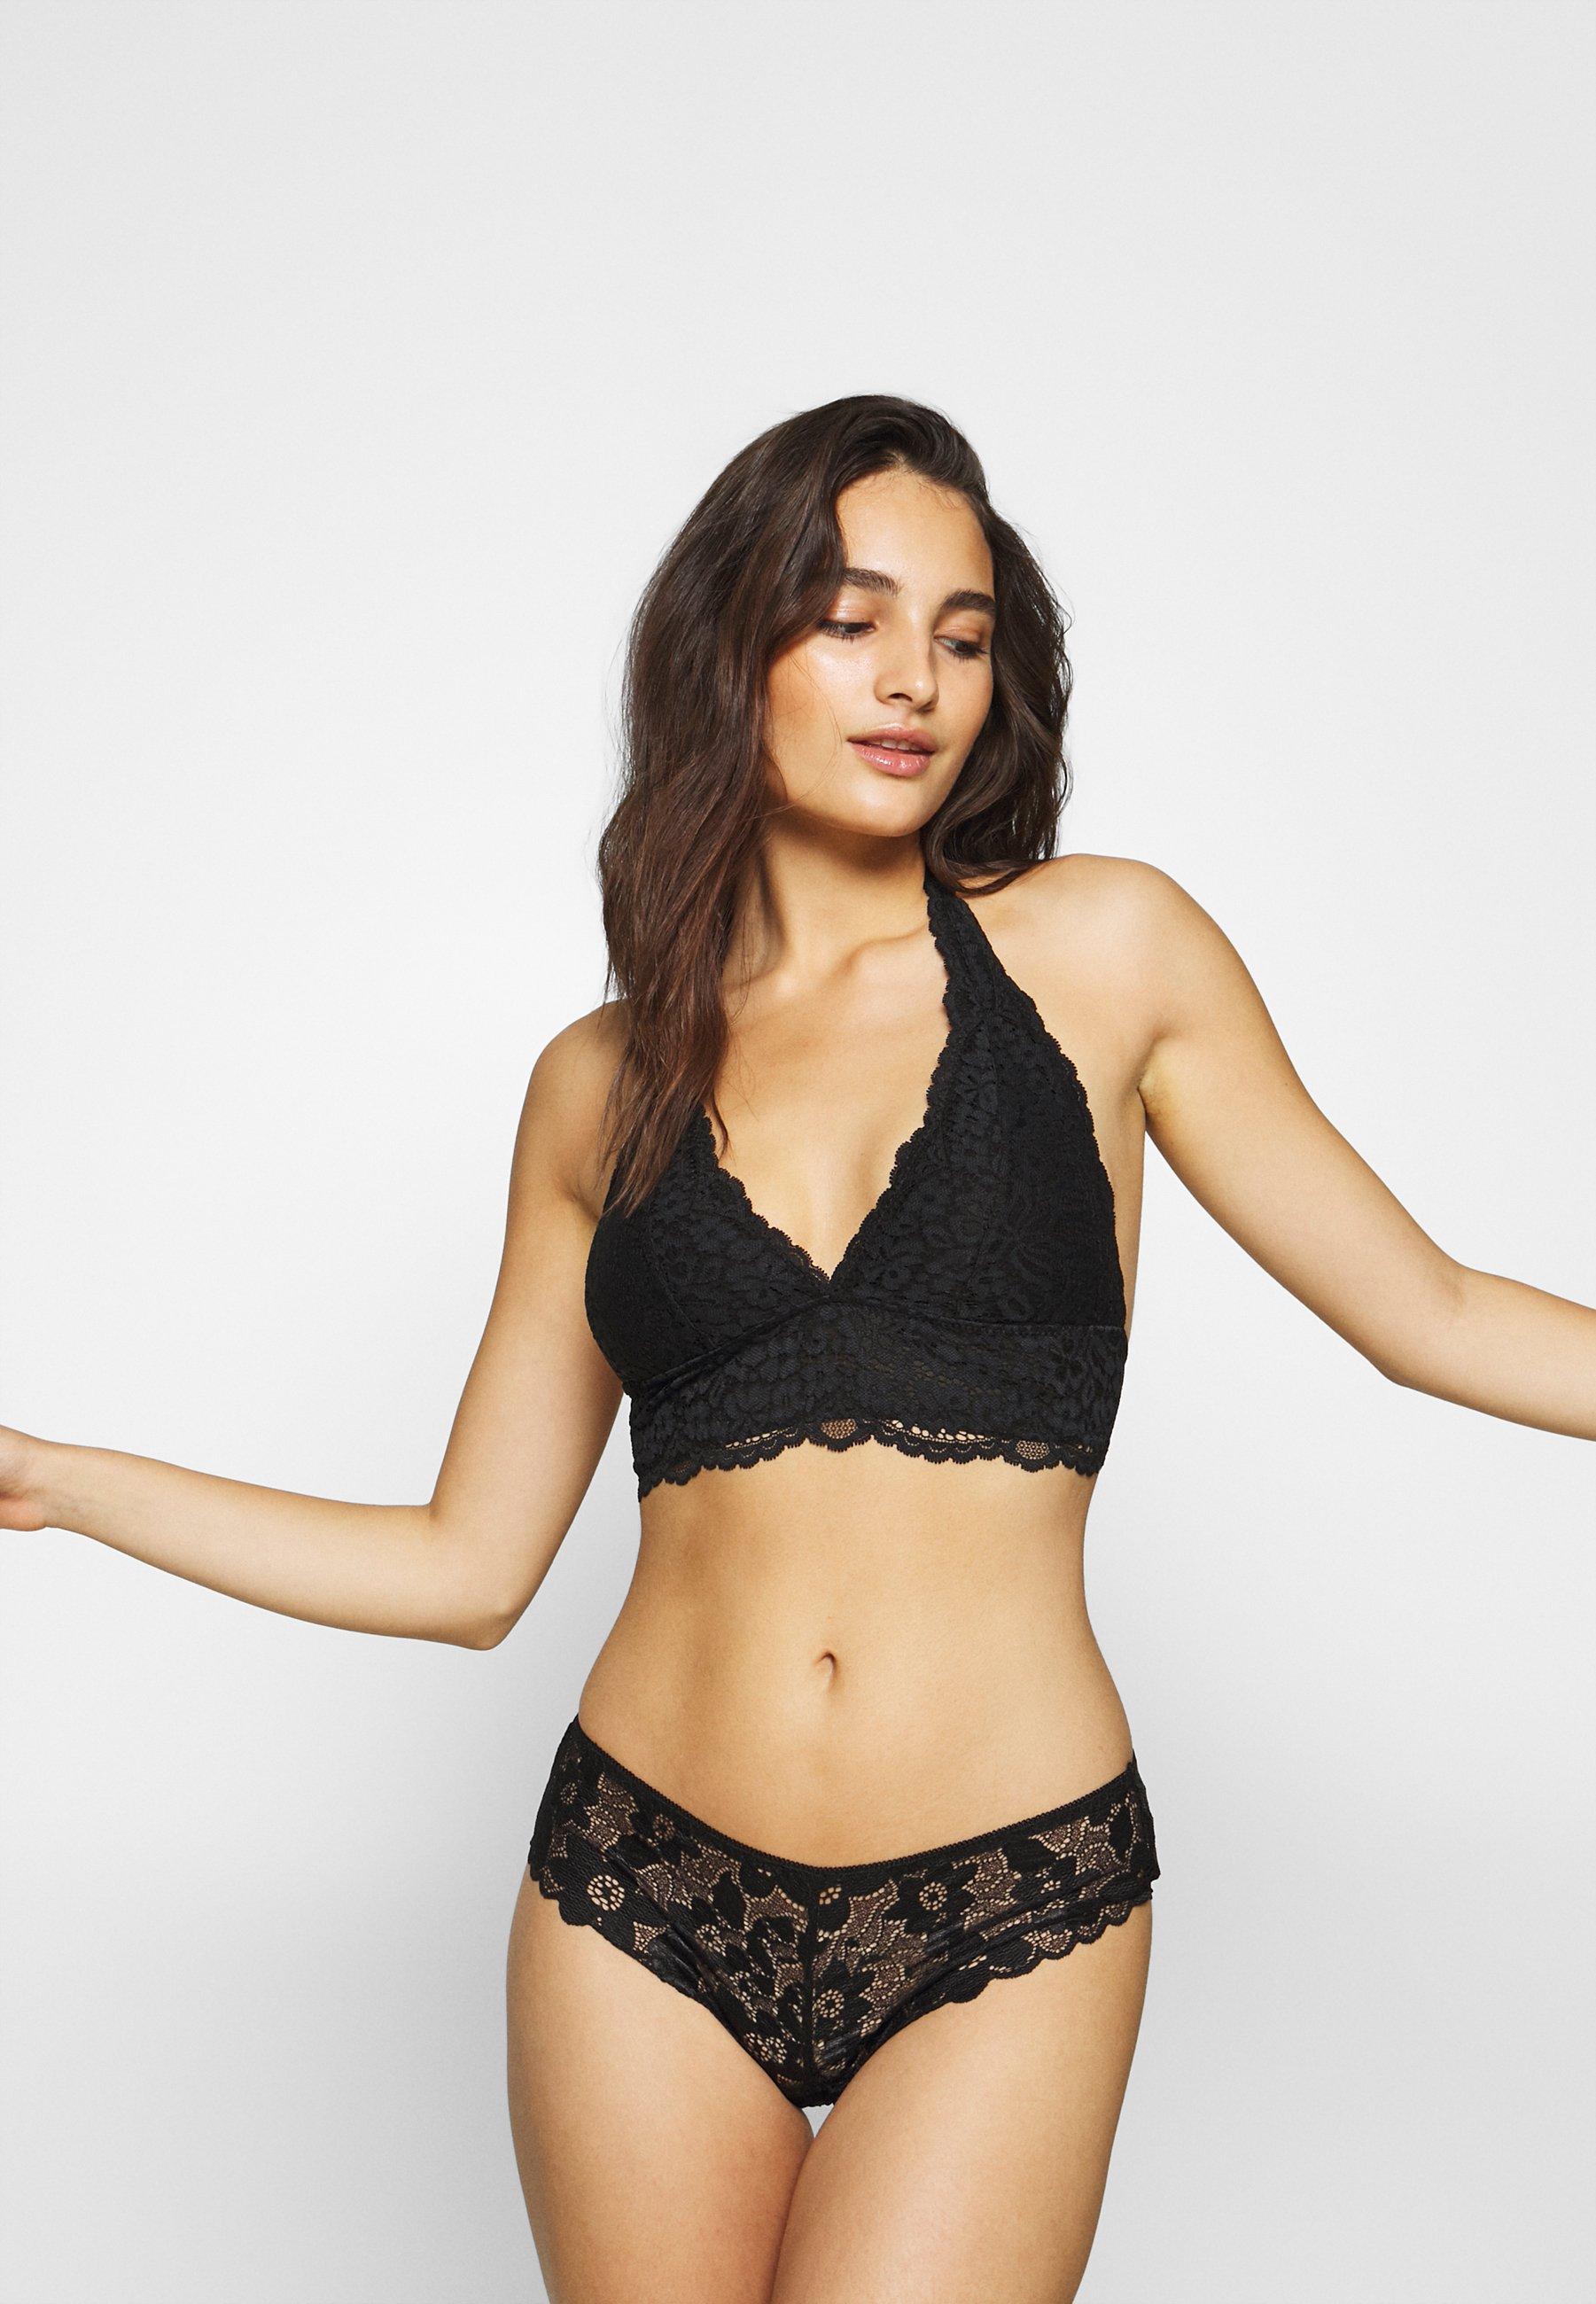 Women ROSE HALTER BRALETTE - Triangle bra